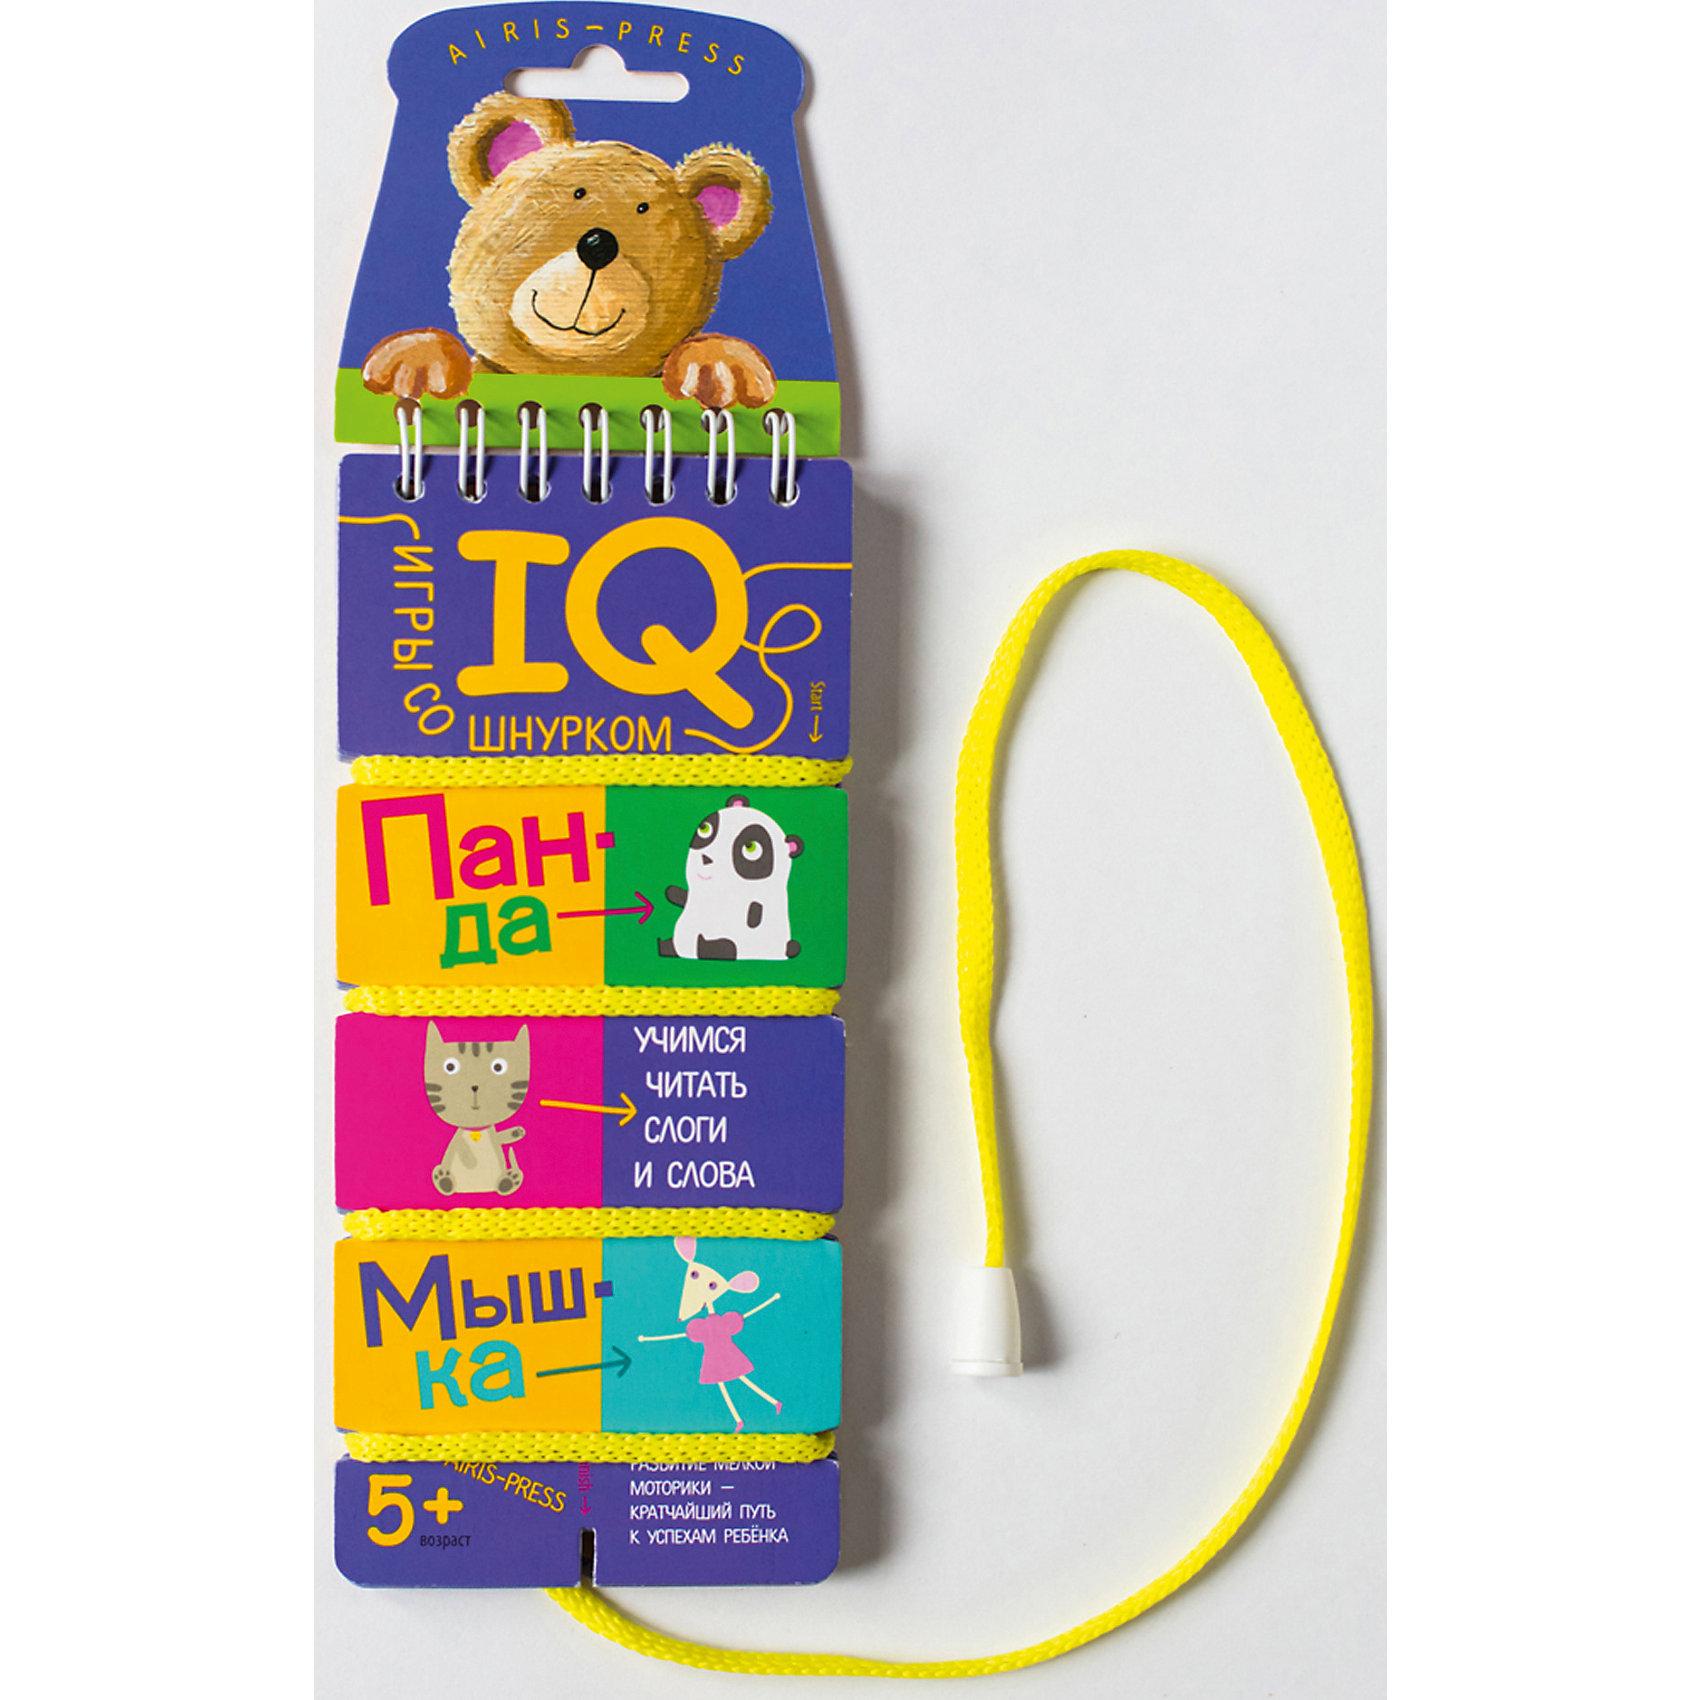 Игры со шнурком Учимся читать слоги и слова, Куликова Е НШнуровки<br>Учимся читать слоги и слова - это игровое пособие для развития речи, мышления и моторики. Пособие, ориентированное на самостоятельную деятельность ребёнка, представляет собой небольшой блокнот со шнурком, состоящий из 18 картонных карточек. Выполняя задания на карточках-страничках, ребёнок учится читать слоги и простые слова, развивает моторику и координацию движений. Проверить правильность своих ответов ребёнок сможет самостоятельно по линиям на оборотной стороне карточек. Простота и удобство пособия позволяют использовать его в детском саду, дома и на отдыхе.&#13;<br>Предназначен для детей старше 5 лет.<br><br>Ширина мм: 36<br>Глубина мм: 70<br>Высота мм: 160<br>Вес г: 62<br>Возраст от месяцев: 60<br>Возраст до месяцев: 84<br>Пол: Унисекс<br>Возраст: Детский<br>SKU: 6849576